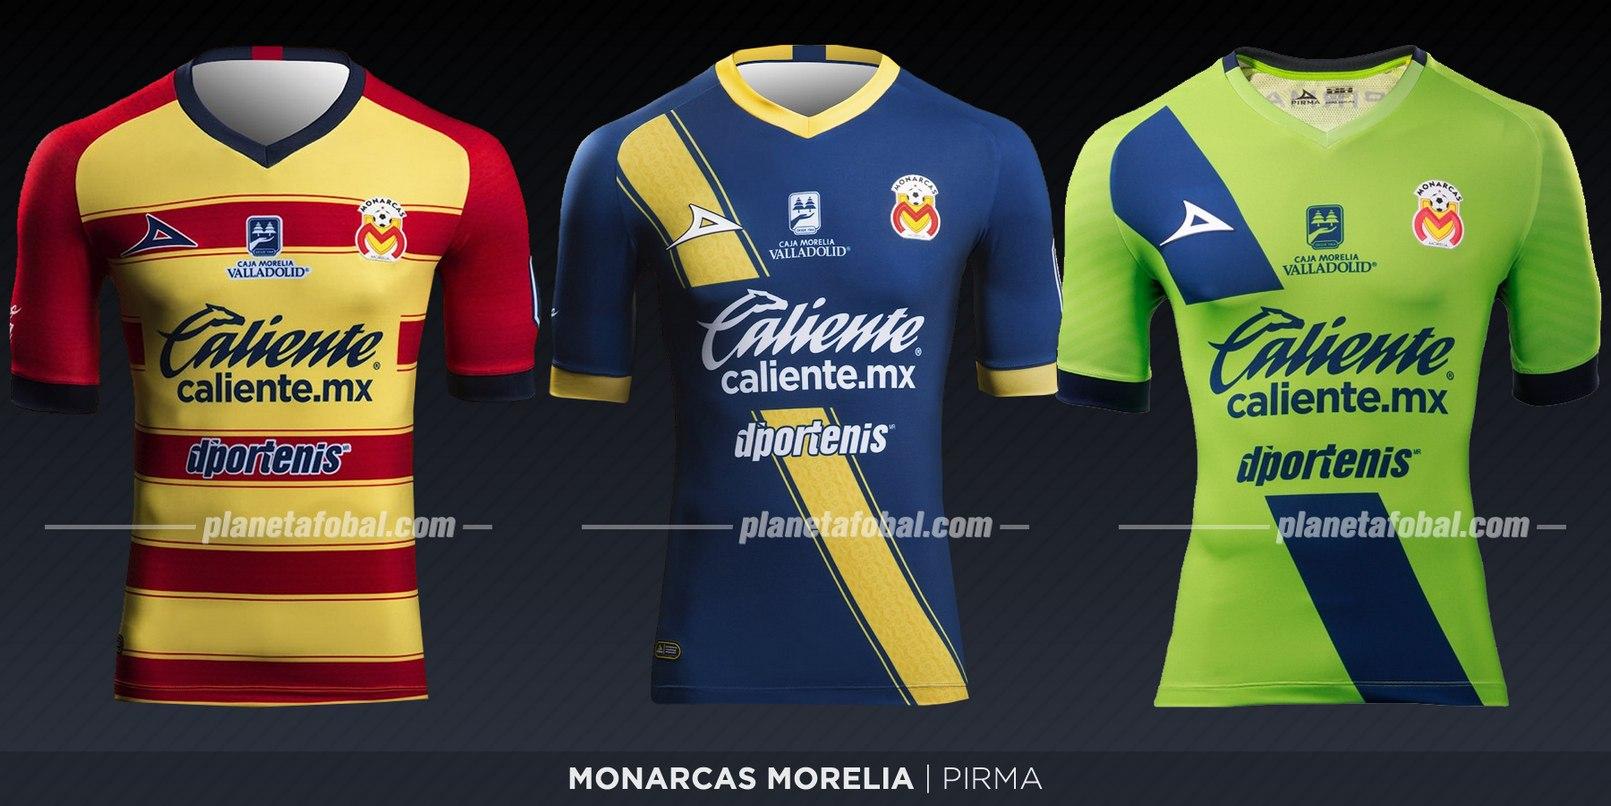 Monarcas Morelia (Pirma) | Camisetas de la Liga MX 2019-2020